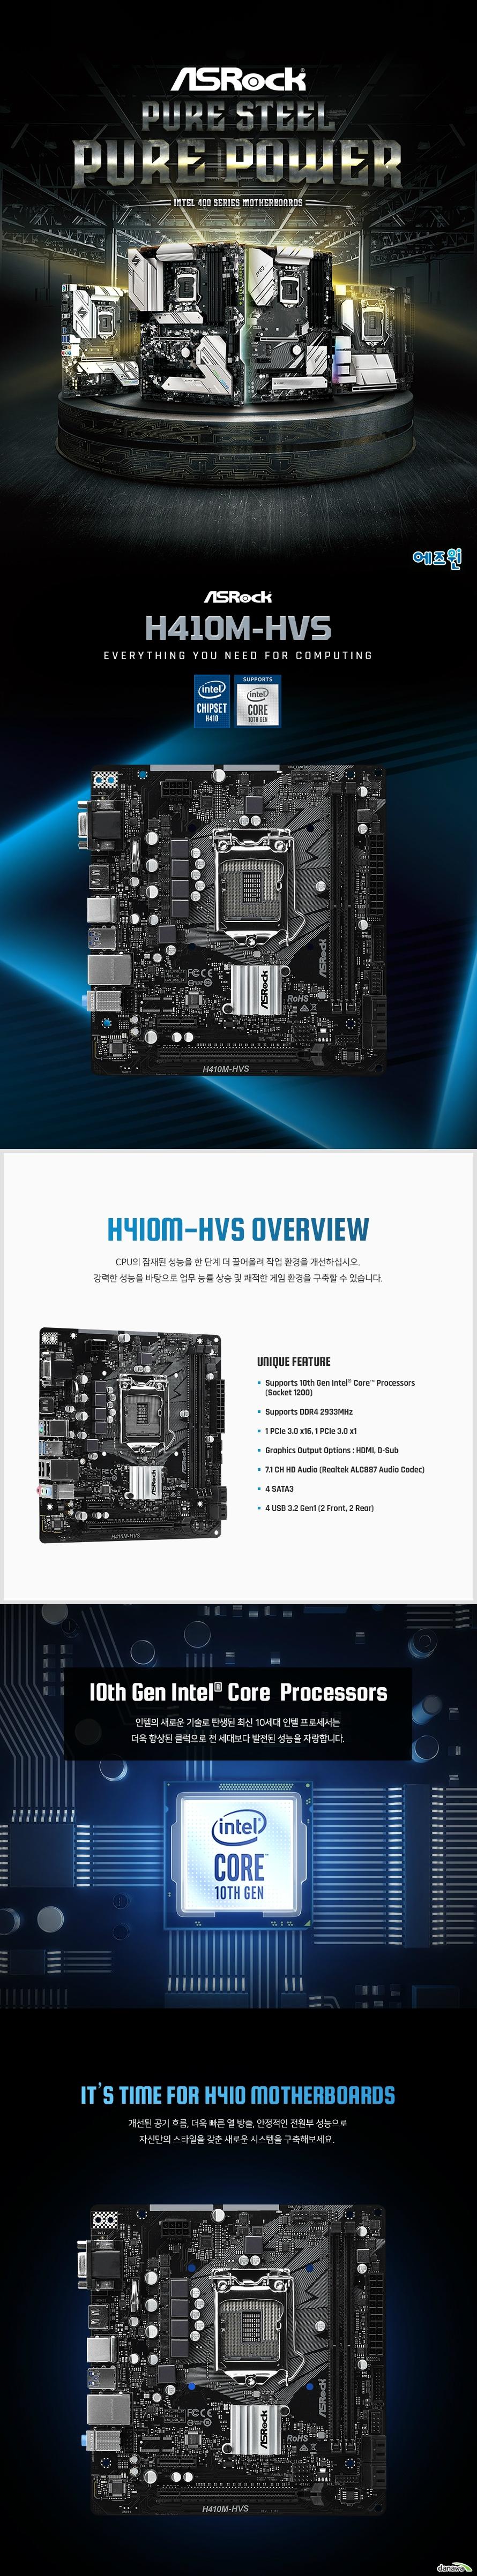 ASRock H410M-HVS 에즈윈